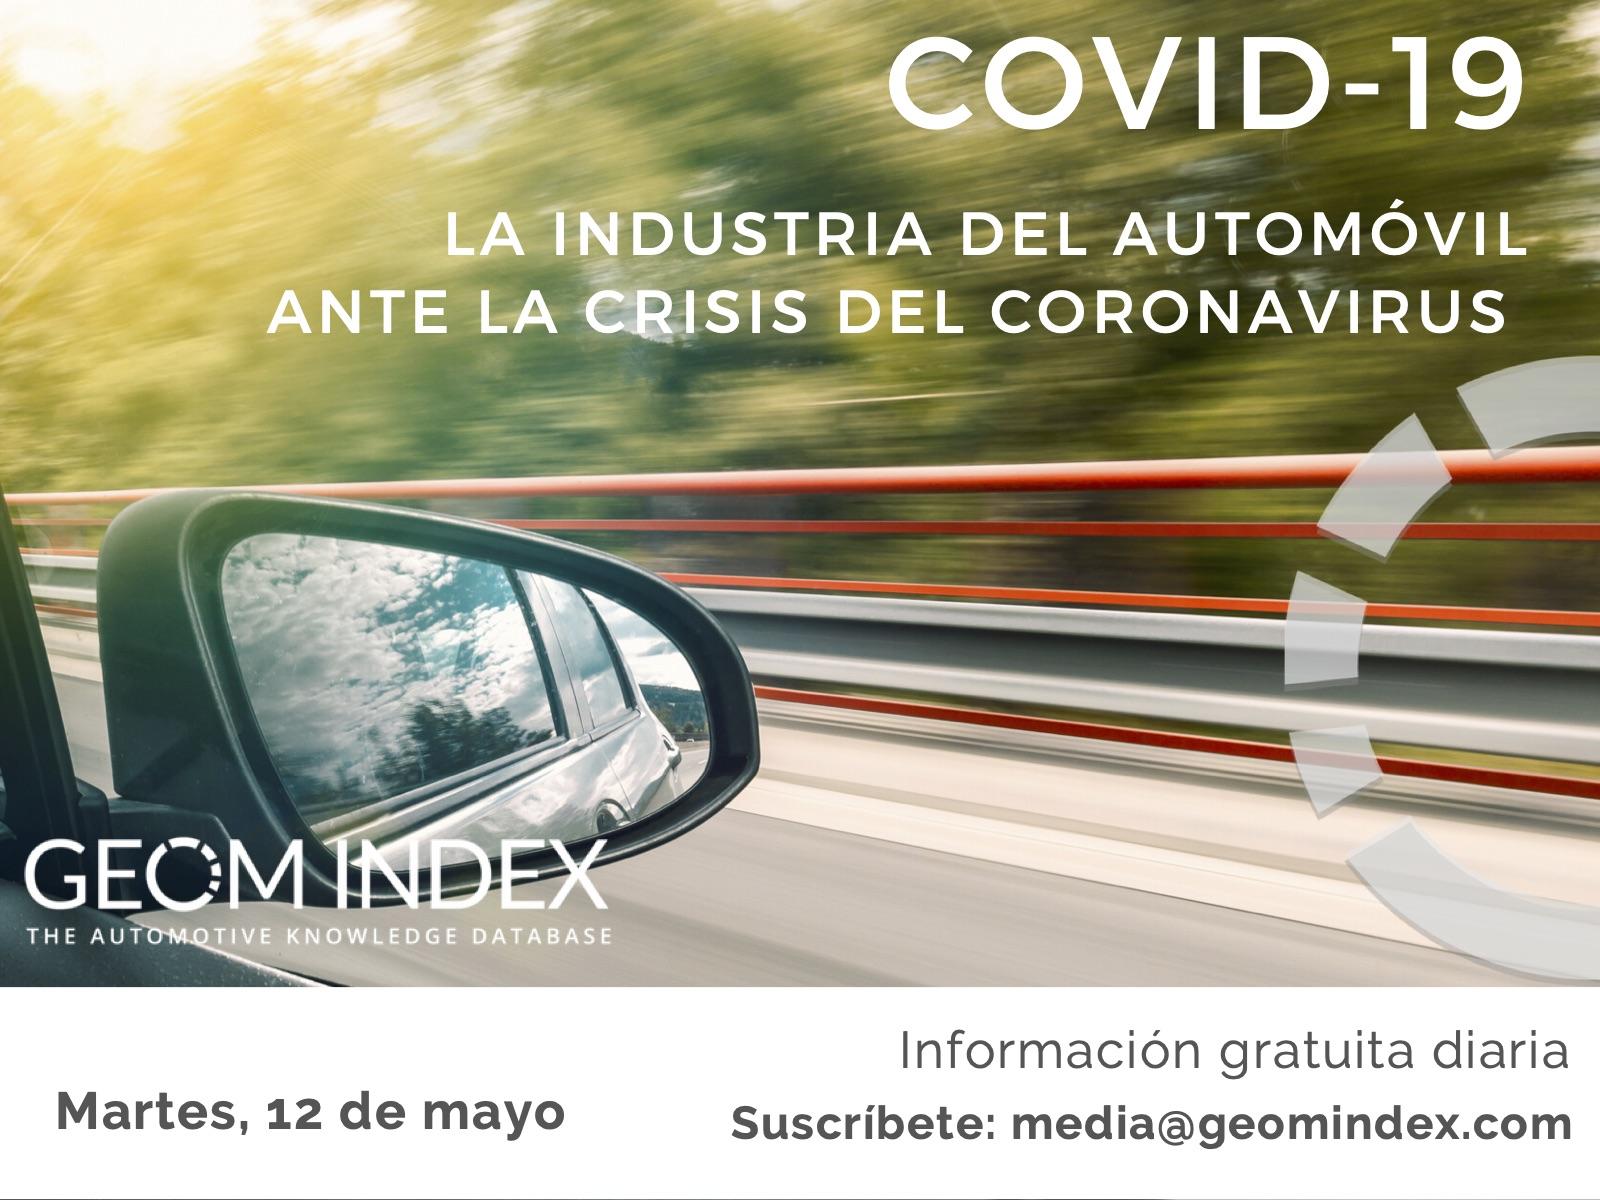 Informe 12 de mayo – La industria del automóvil ante la crisis de la covid-19